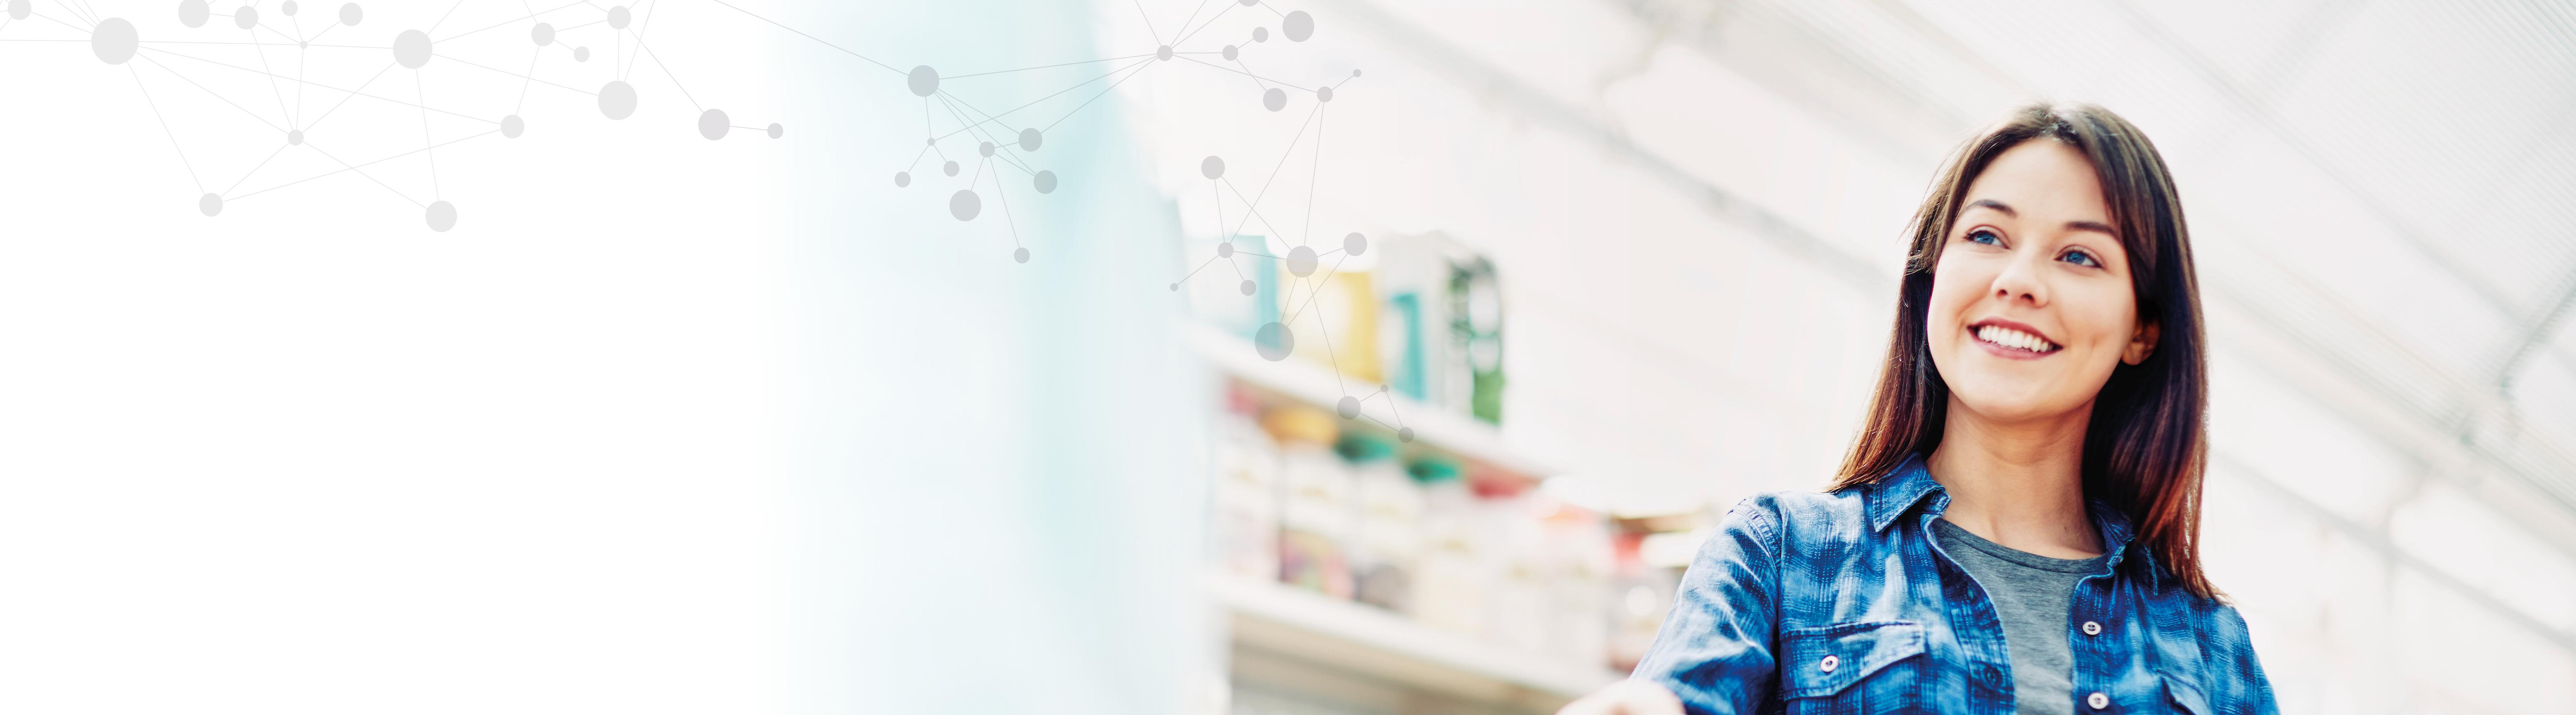 CGI adquiere Meti, proveedor francés de soluciones retail, para ayudar a impulsar a los retailers en la evolución digital y omnicanal